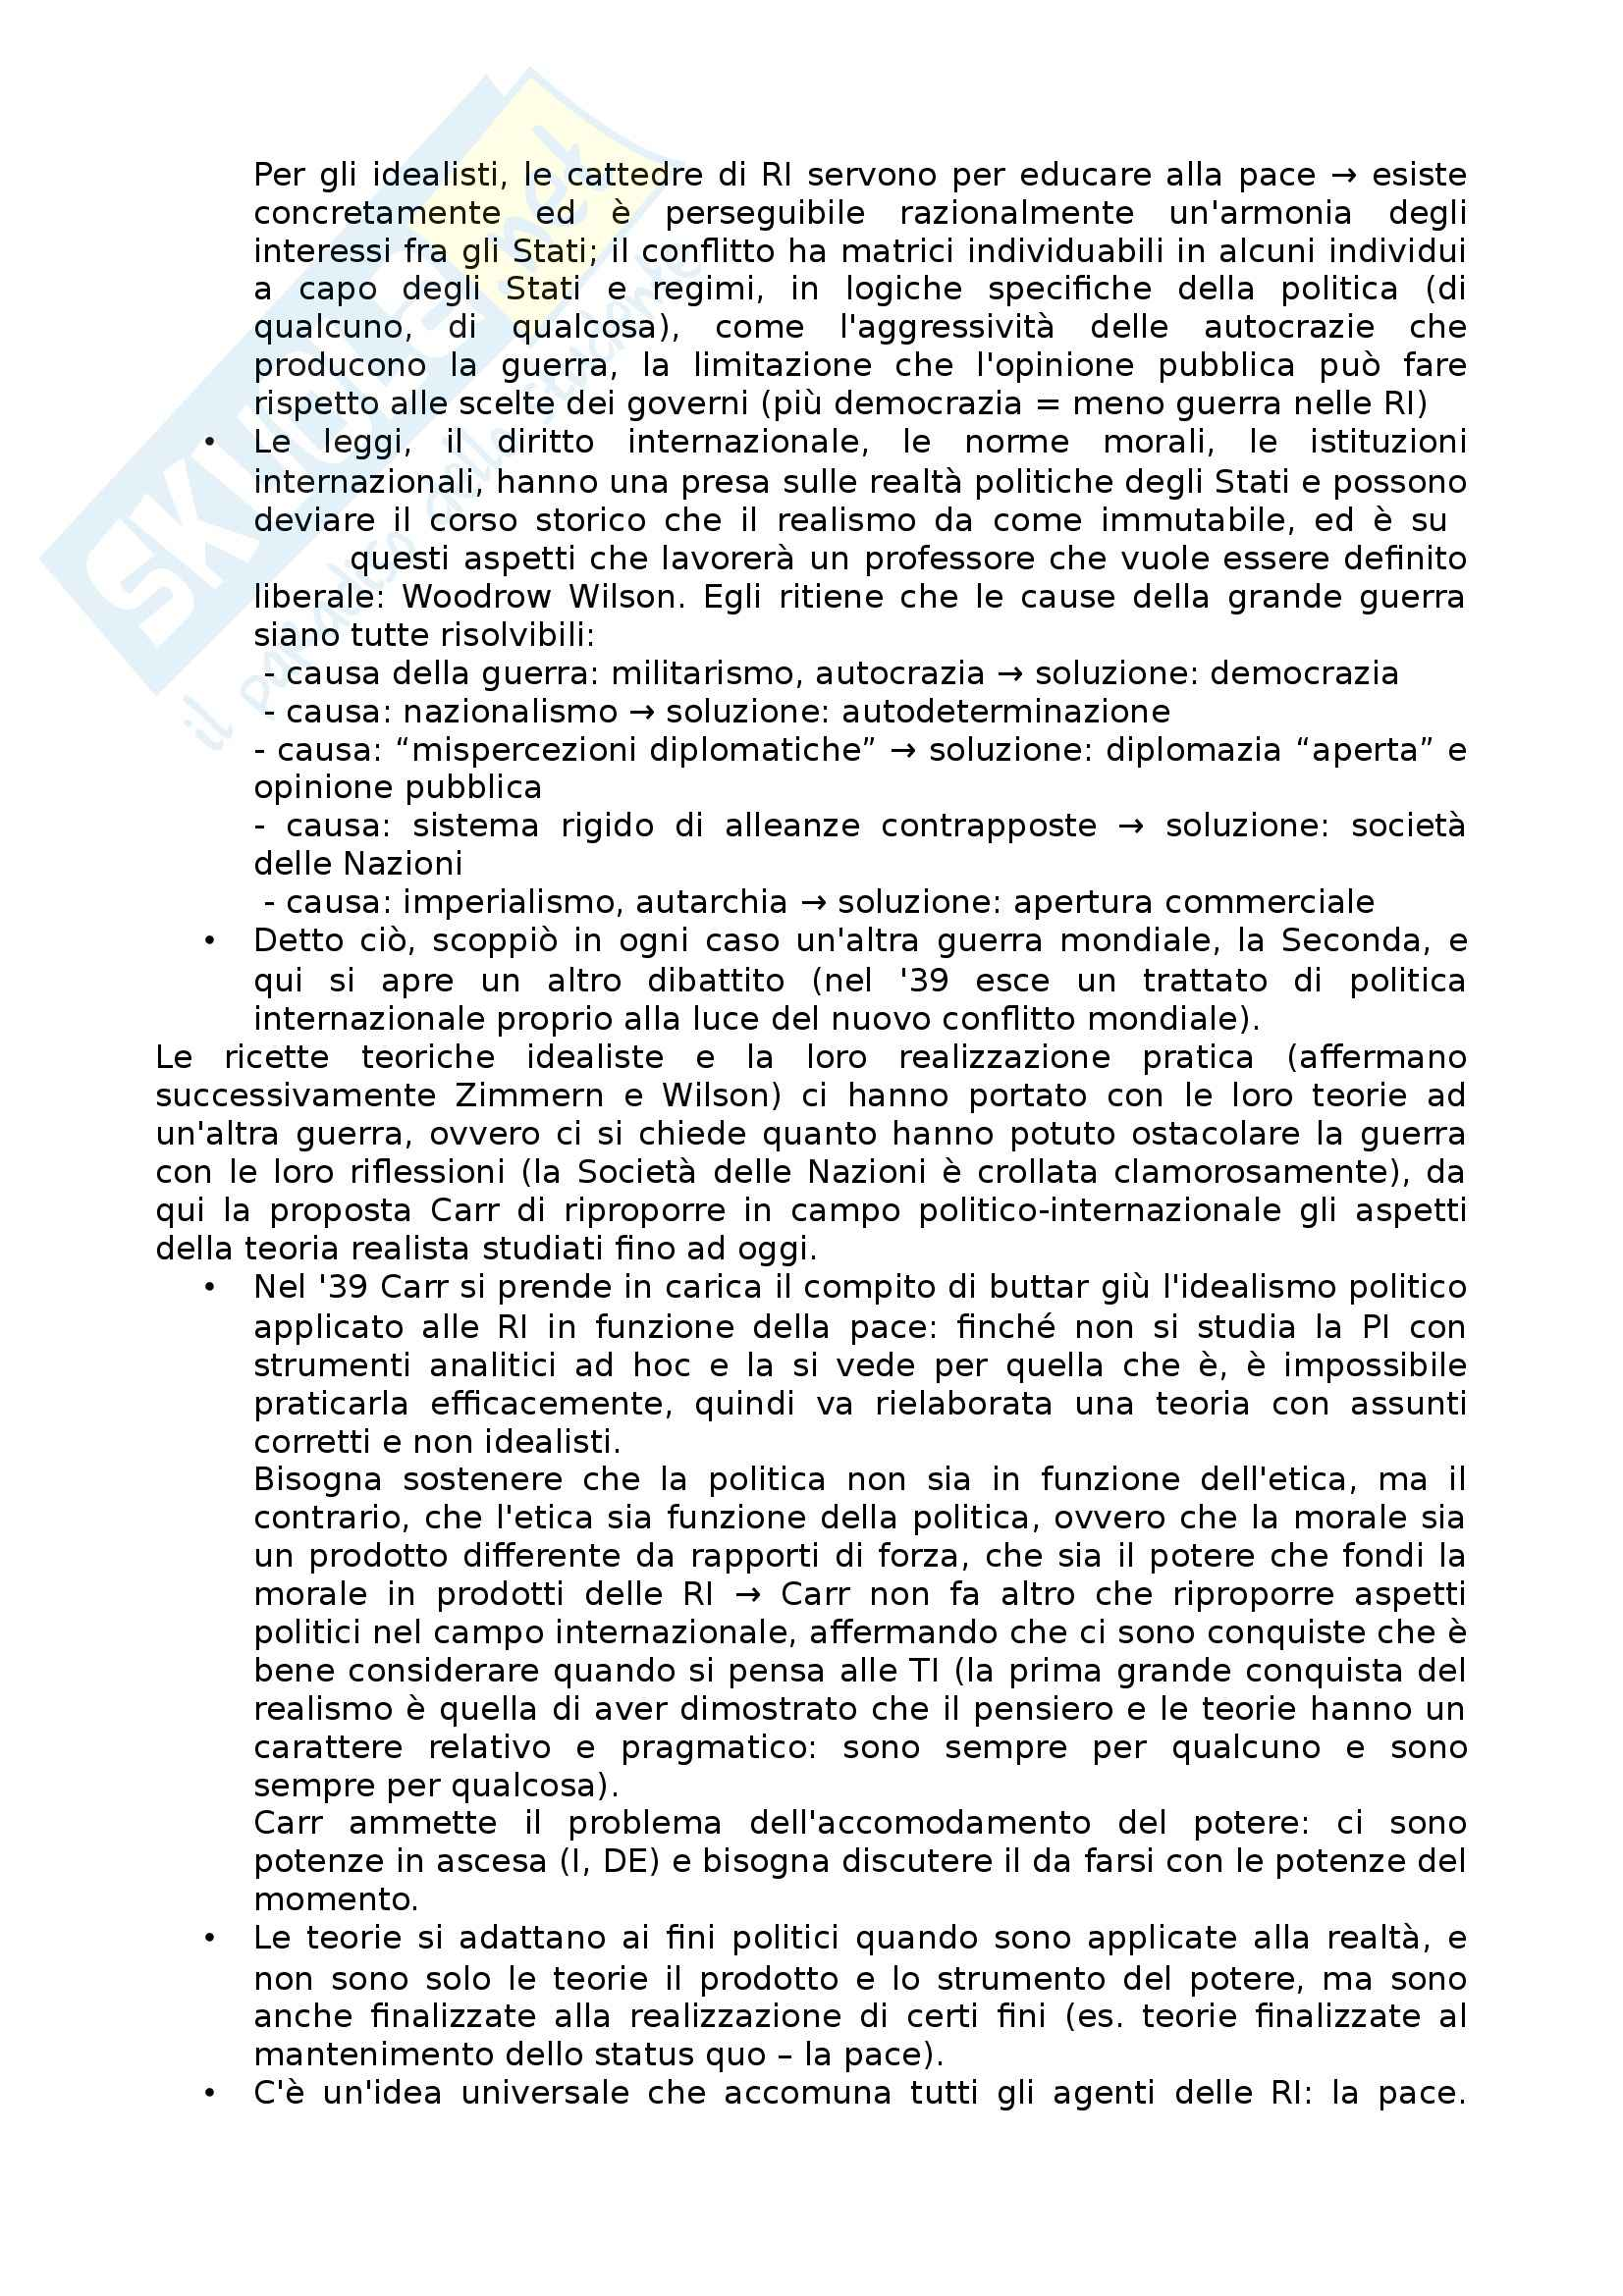 Lezioni, Relazioni internazionali Pag. 11